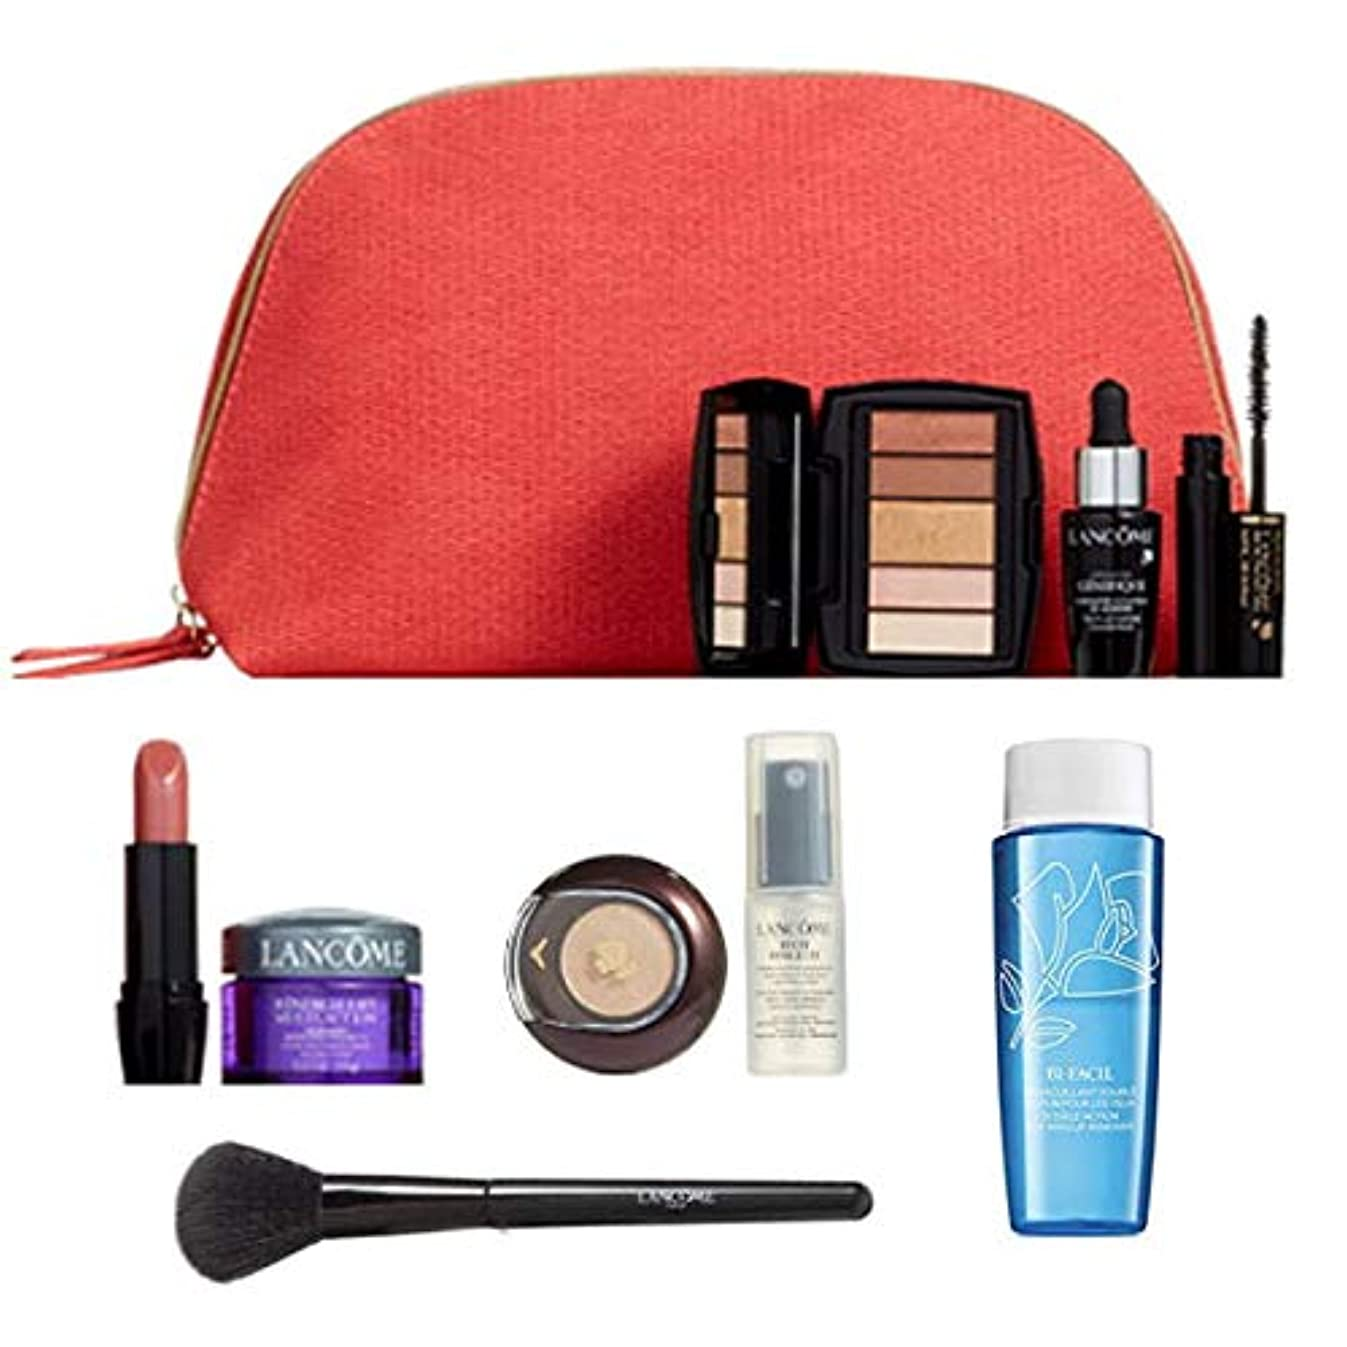 脈拍のタイヤランコム(LANCOME), Pouch + Mini Cosmetic 8/set + Blush brush [海外直送品] [並行輸入品]